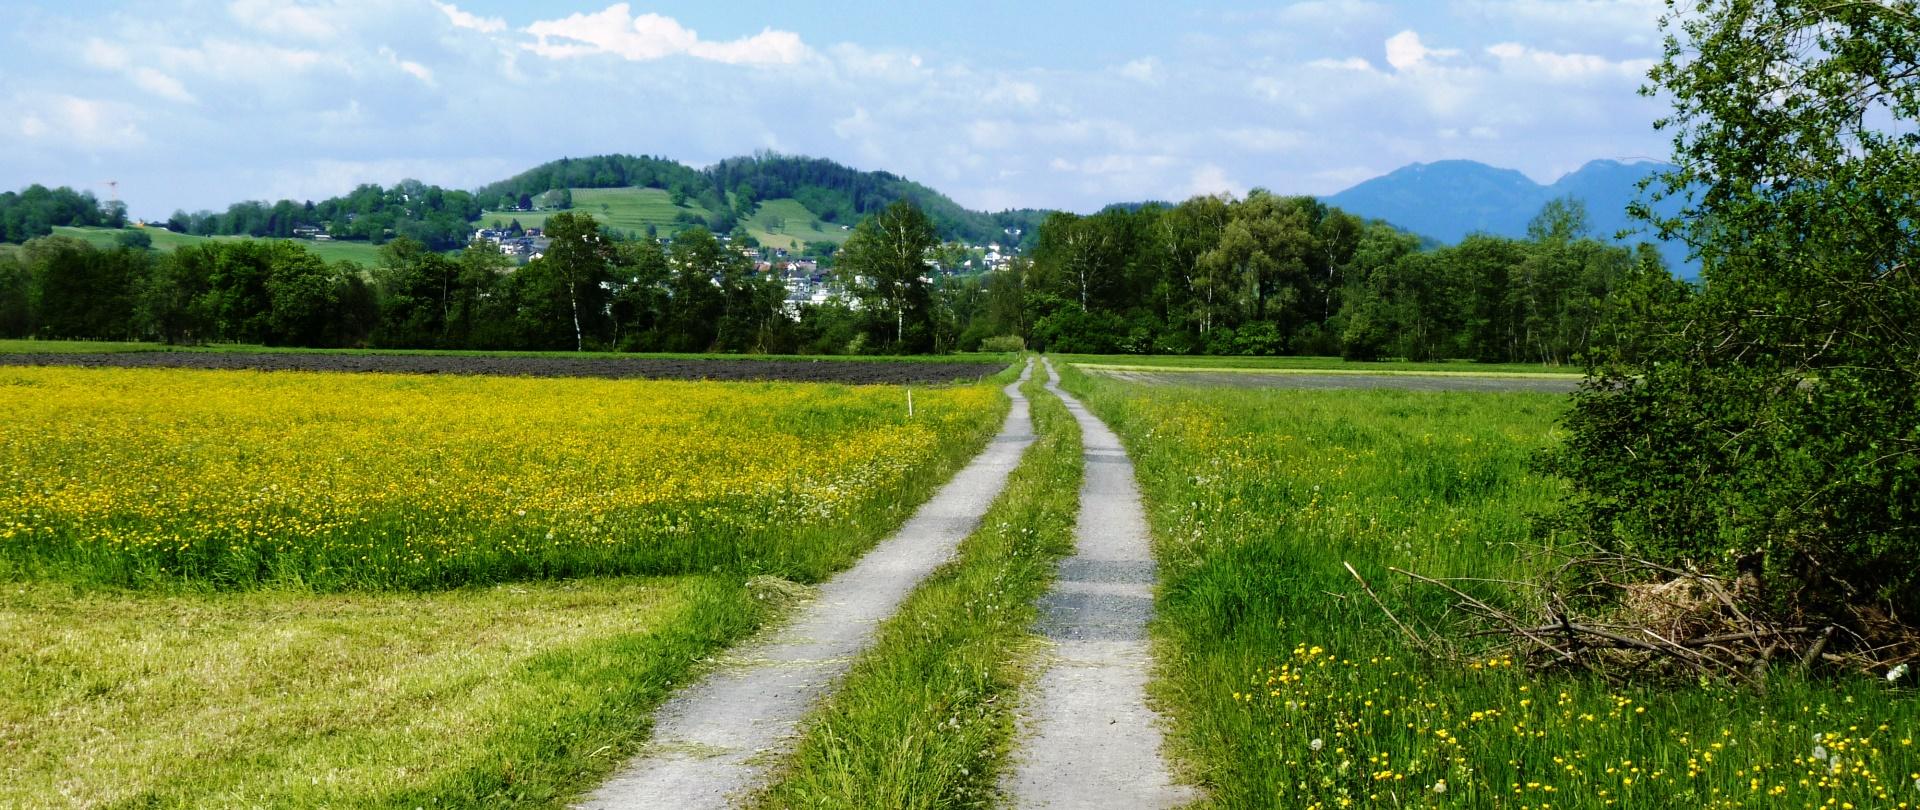 Die Versiegelung der Landschaft – ein Gutachten, das mich sensibilisierte